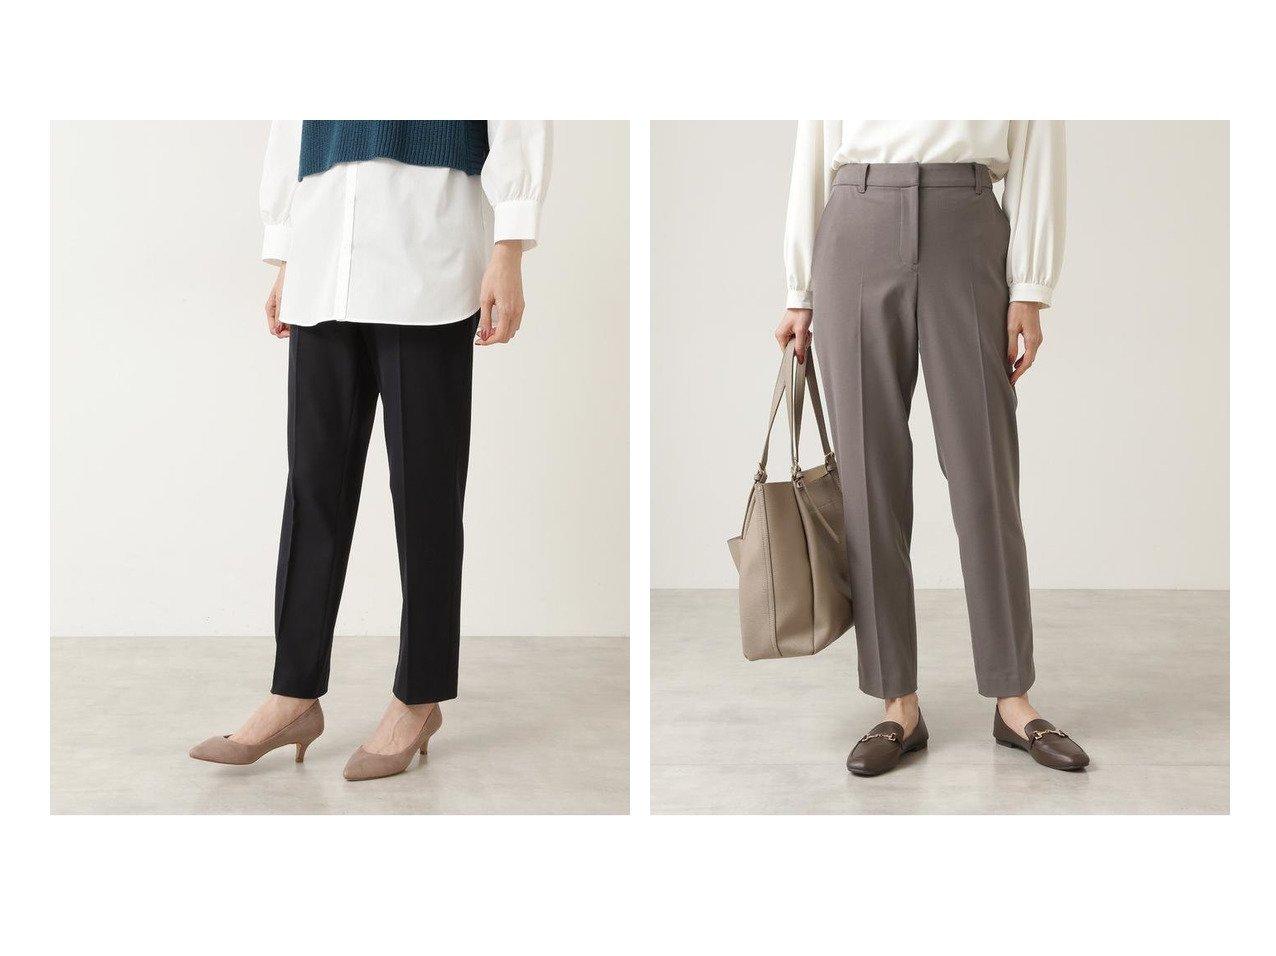 【NATURAL BEAUTY BASIC/ナチュラル ビューティー ベーシック】のコスミカルウォームライトセットアップ パンツ 【パンツ】おすすめ!人気、トレンド・レディースファッションの通販 おすすめで人気の流行・トレンド、ファッションの通販商品 インテリア・家具・メンズファッション・キッズファッション・レディースファッション・服の通販 founy(ファニー) https://founy.com/ ファッション Fashion レディースファッション WOMEN セットアップ Setup パンツ Pants ジャケット ストレッチ セットアップ |ID:crp329100000070651